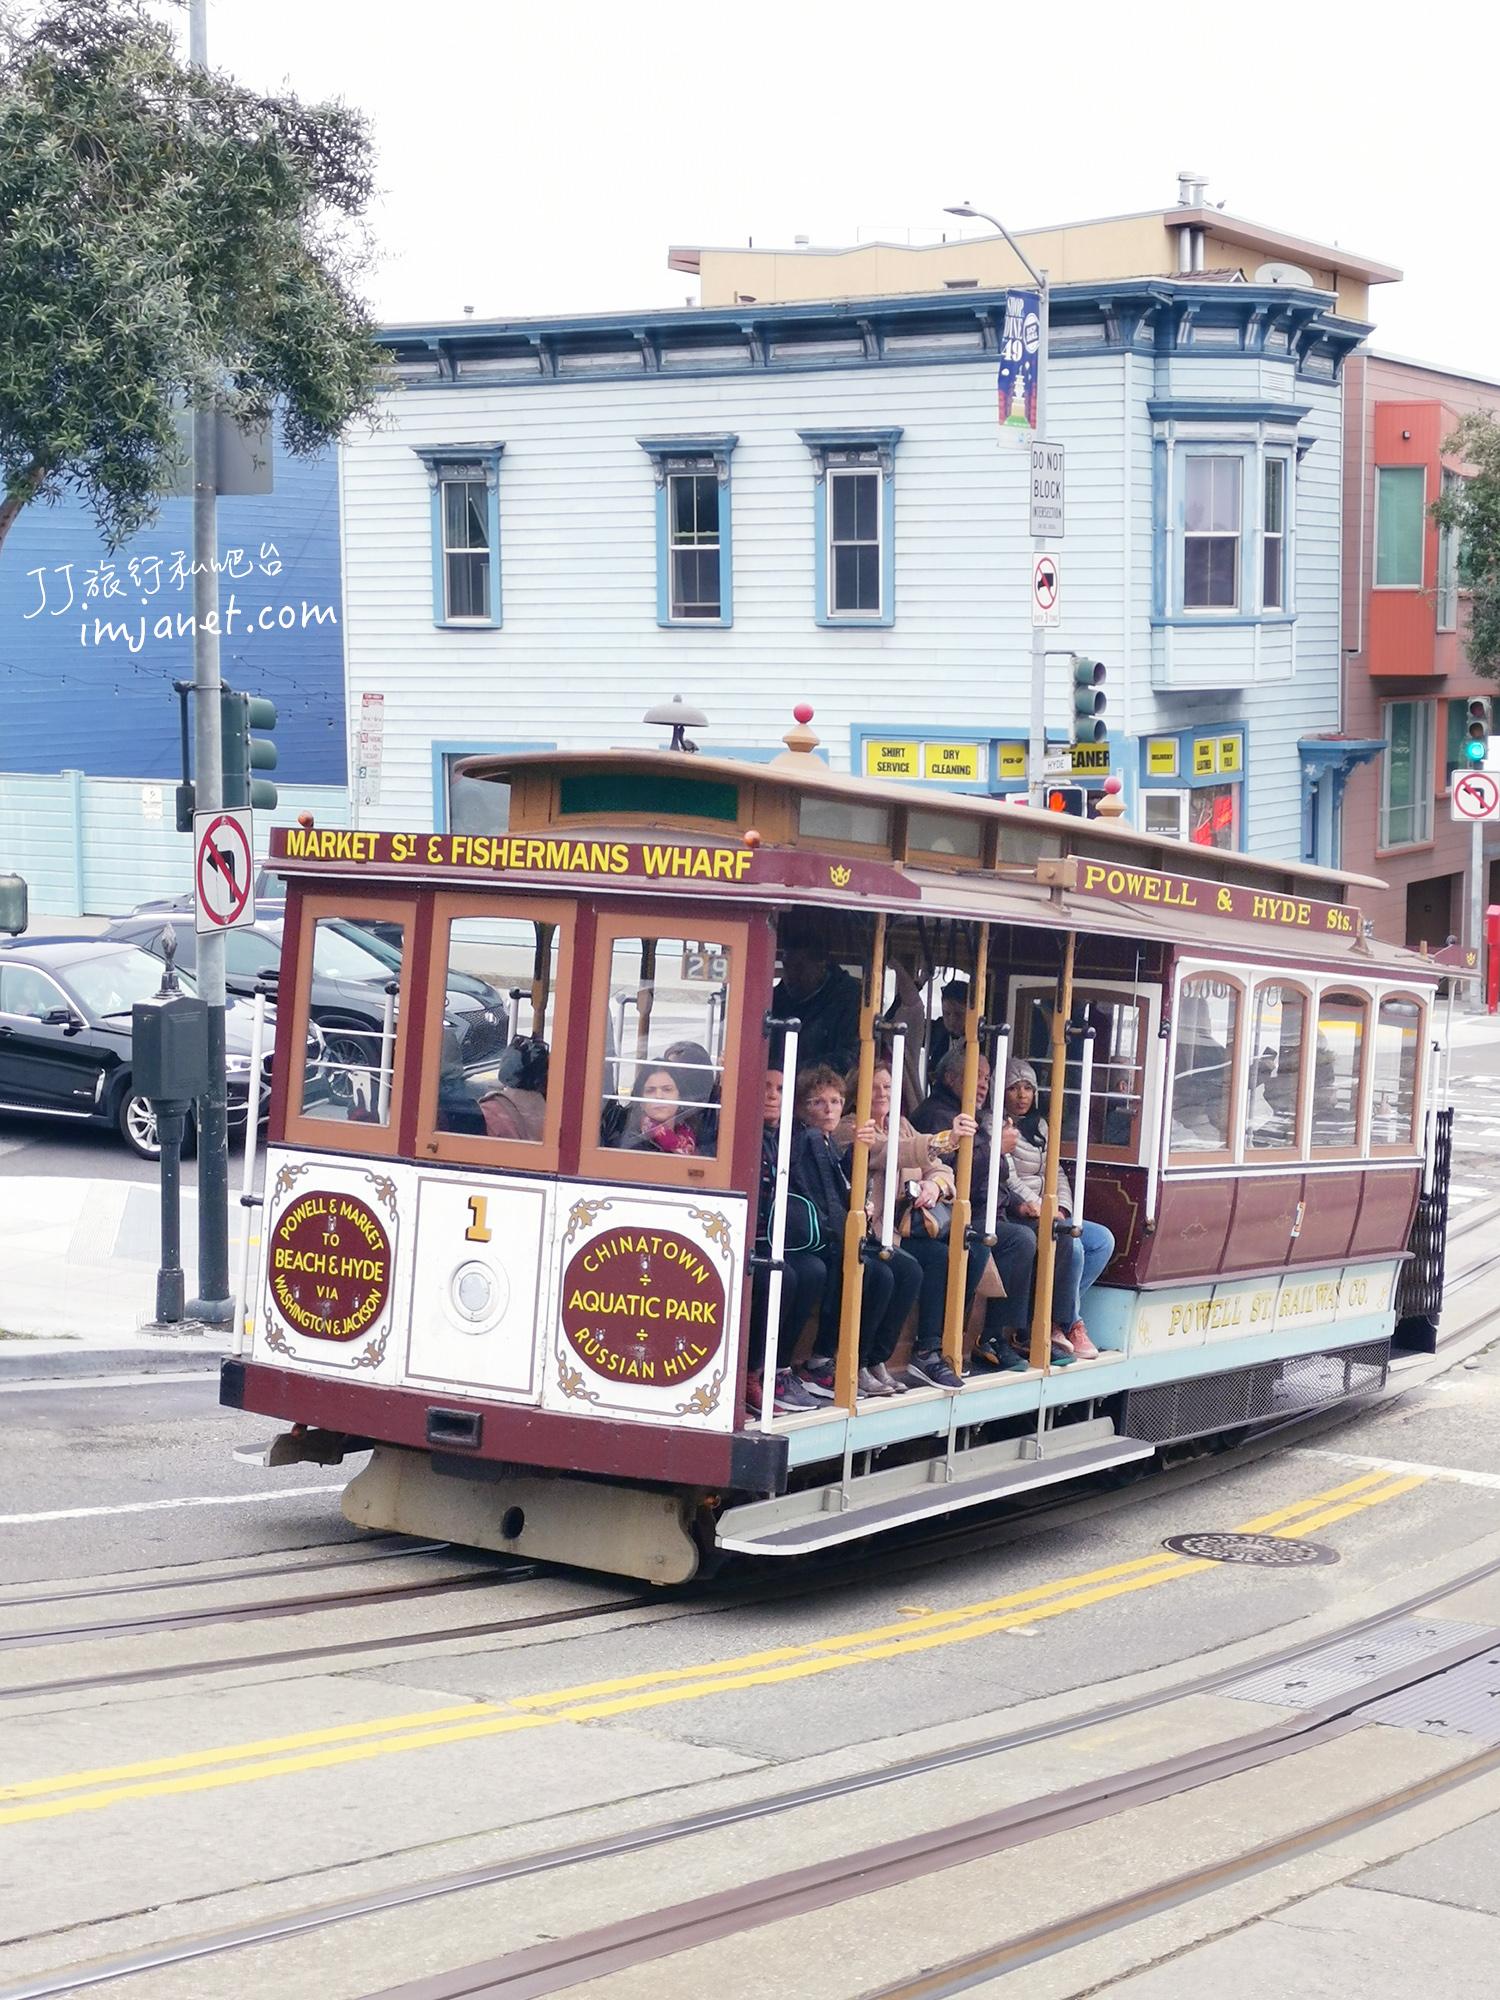 舊金山|叮叮車一日遊,搭著纜車欣賞舊金山街景去